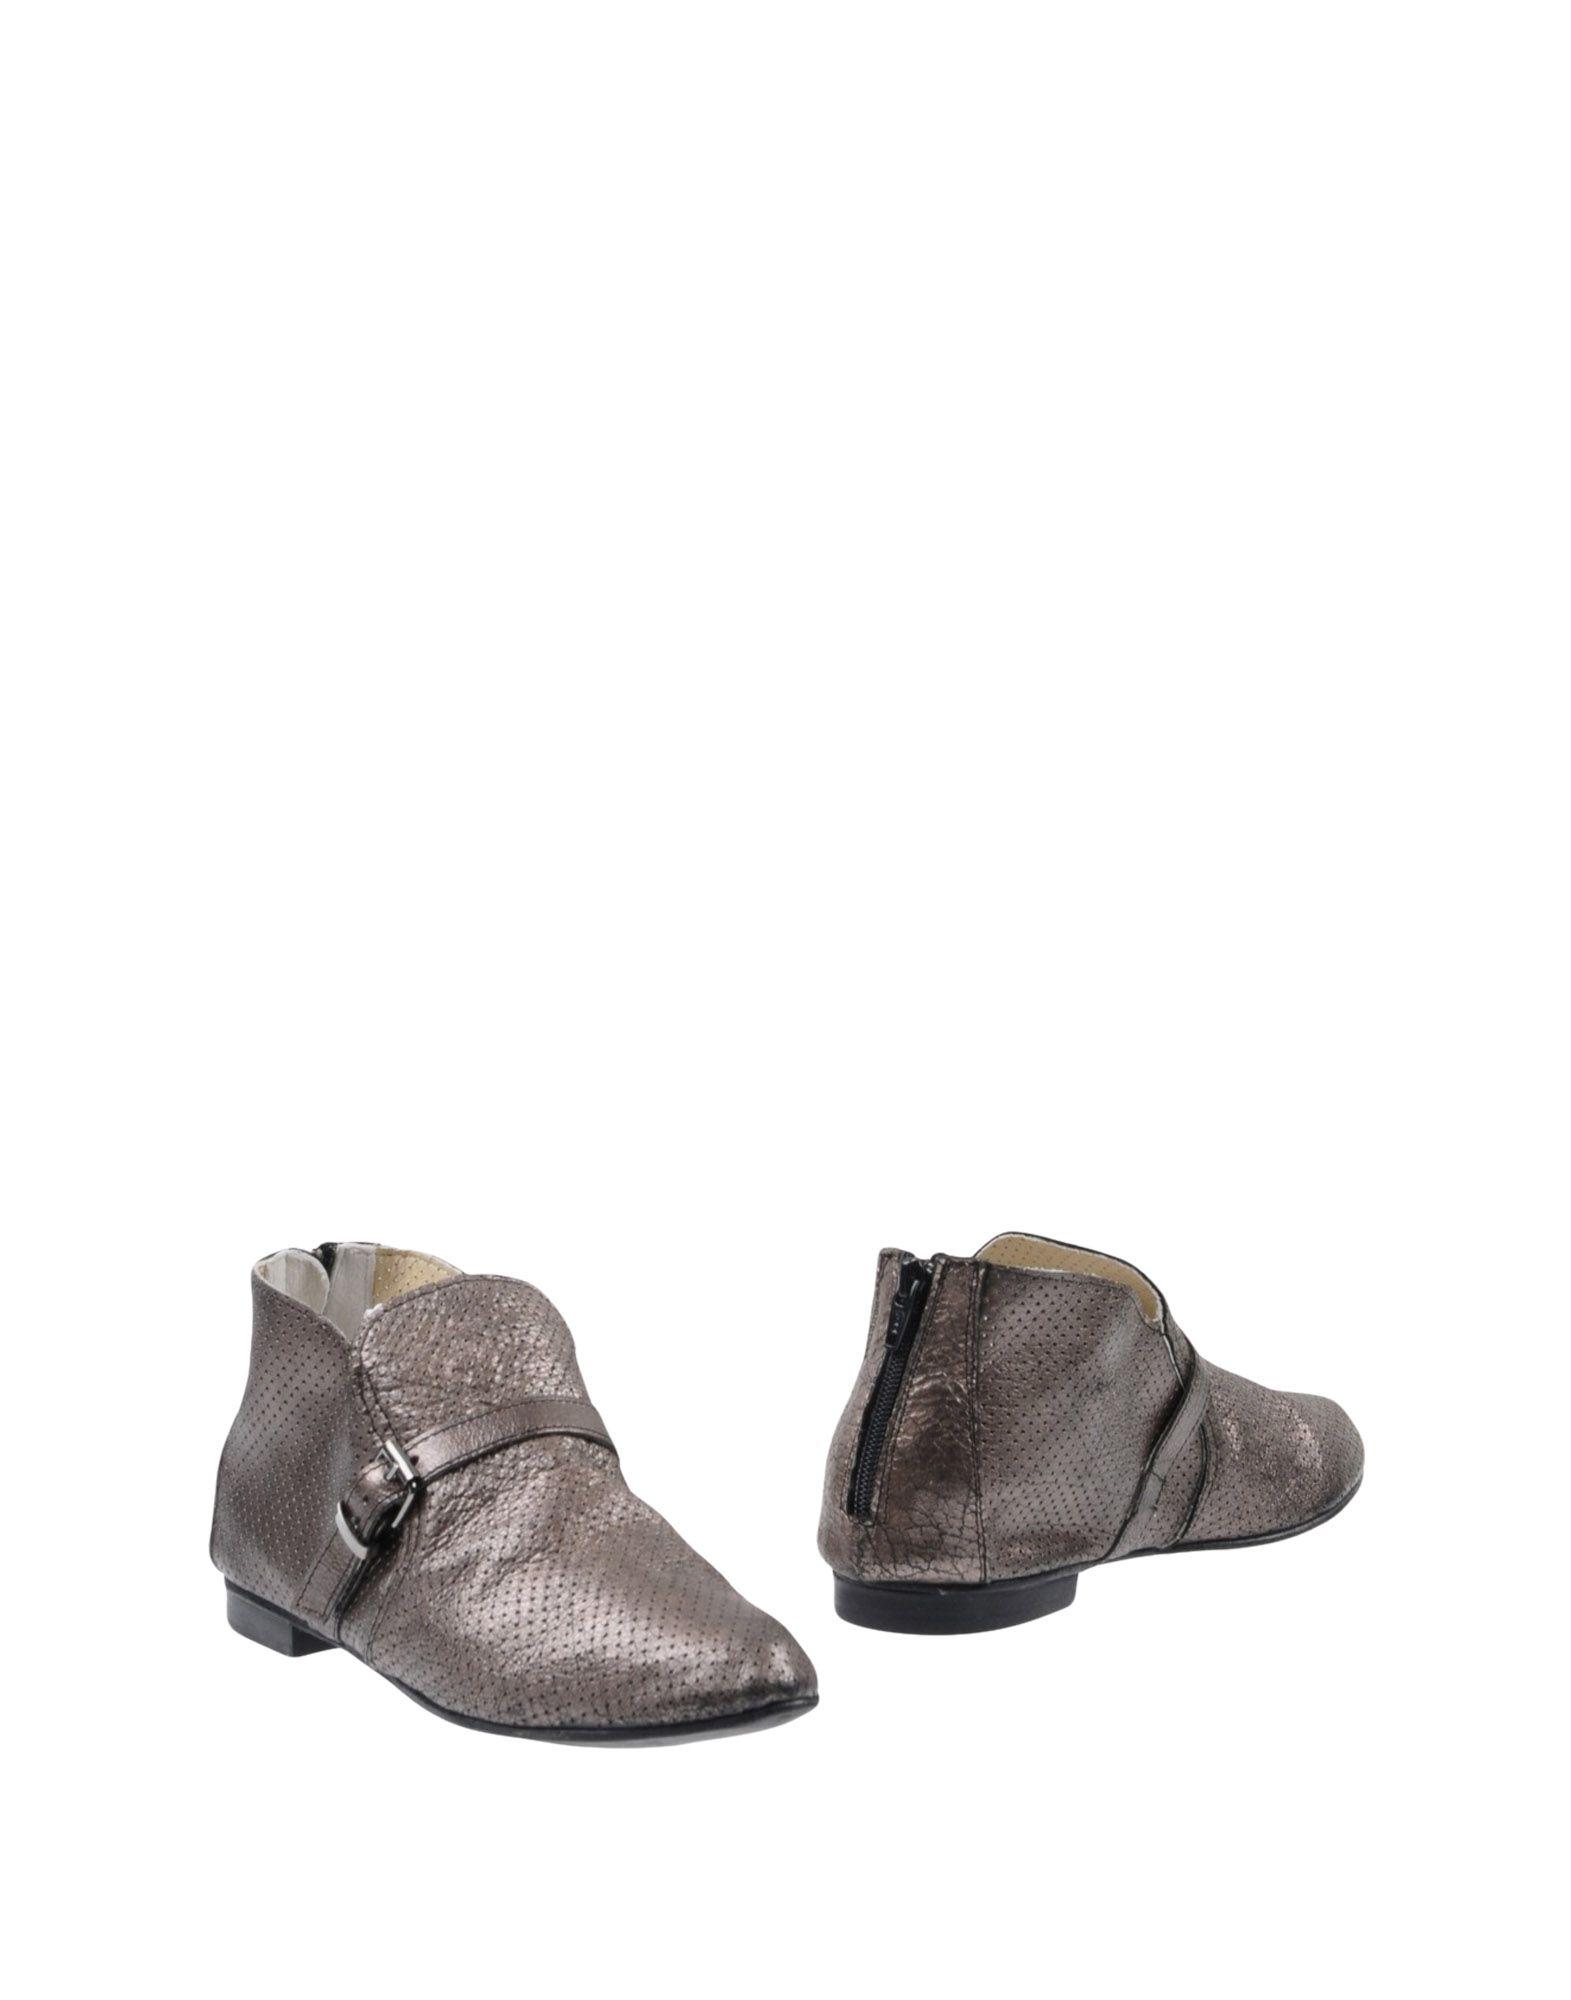 Kudetà Stiefelette Damen  11434037VD Gute Qualität beliebte Schuhe